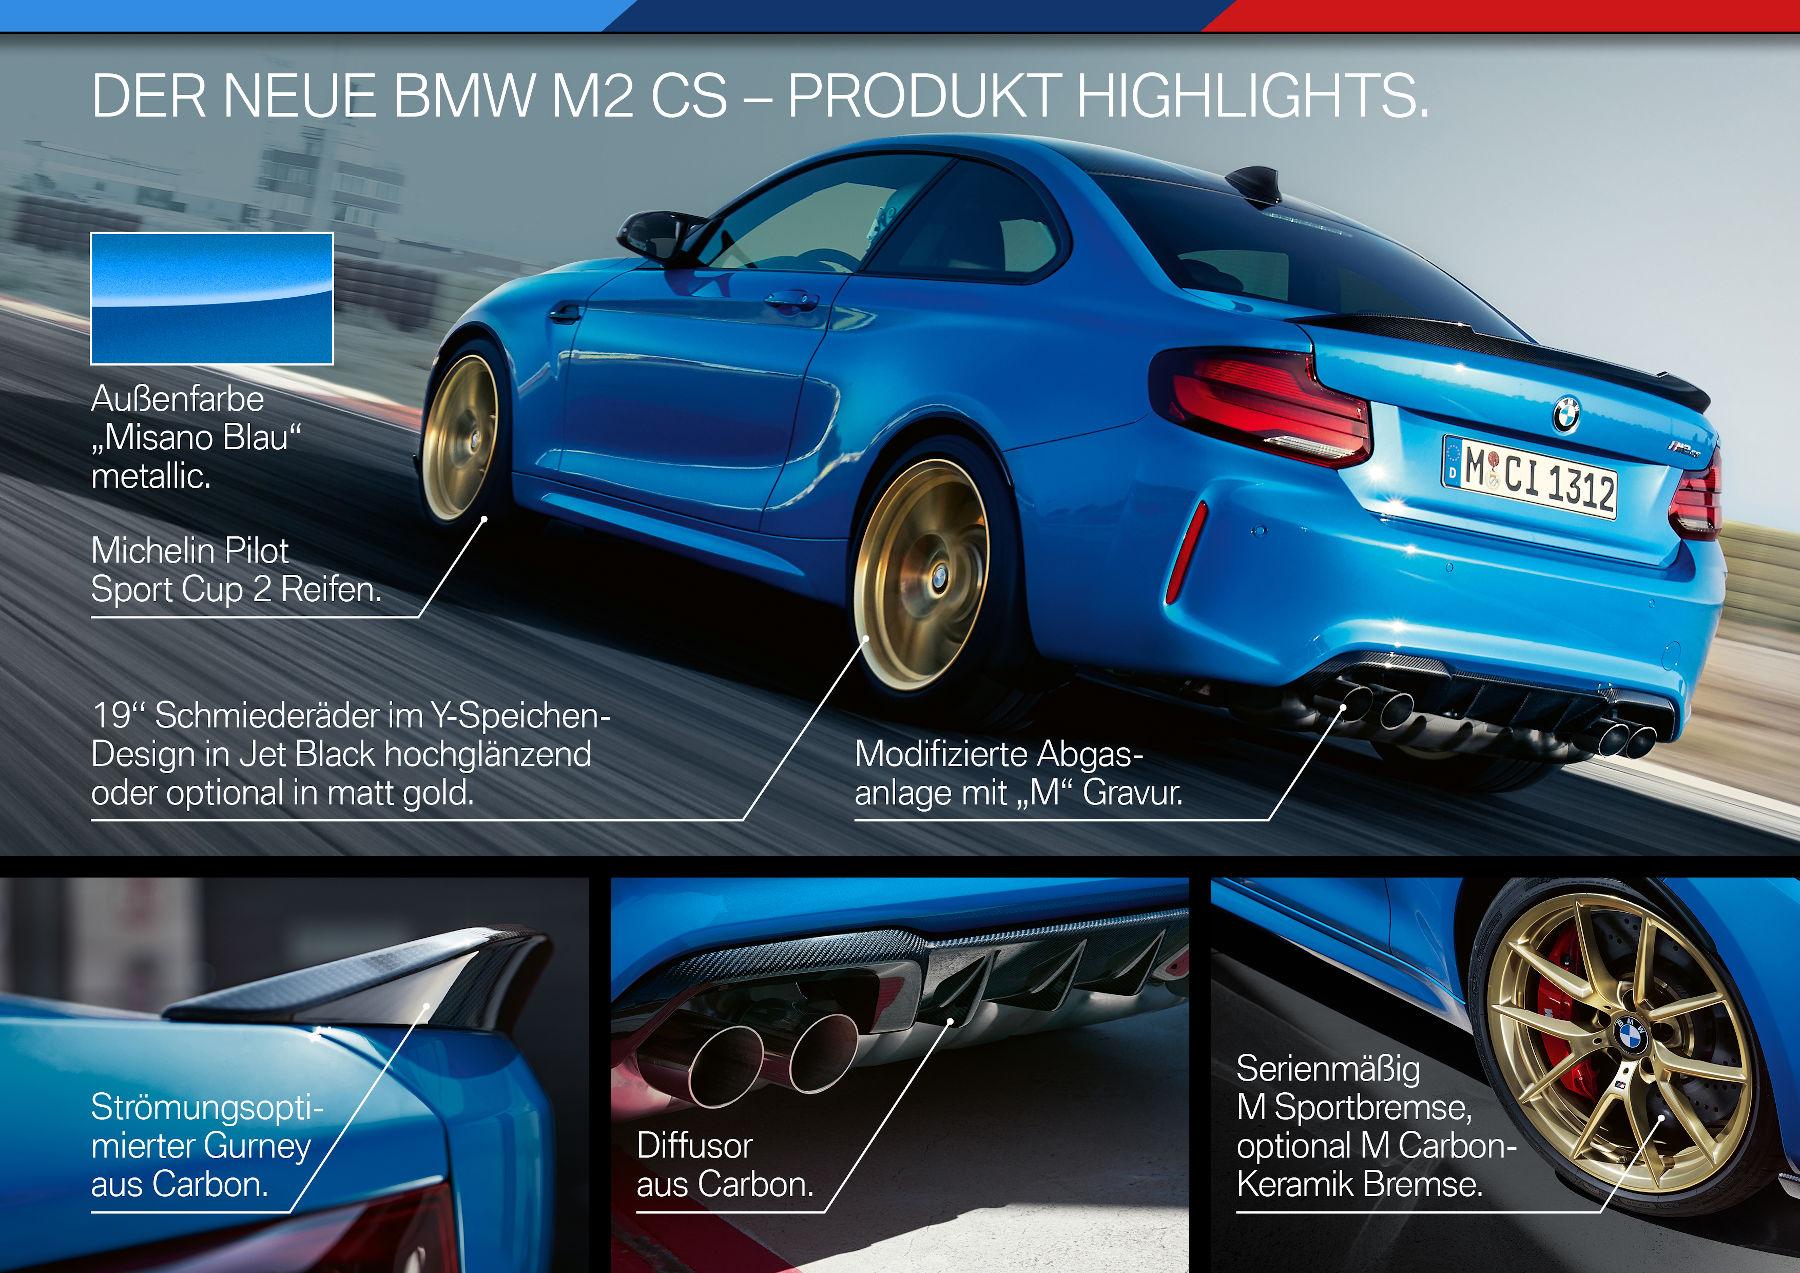 Highlights des BMW M2 CS